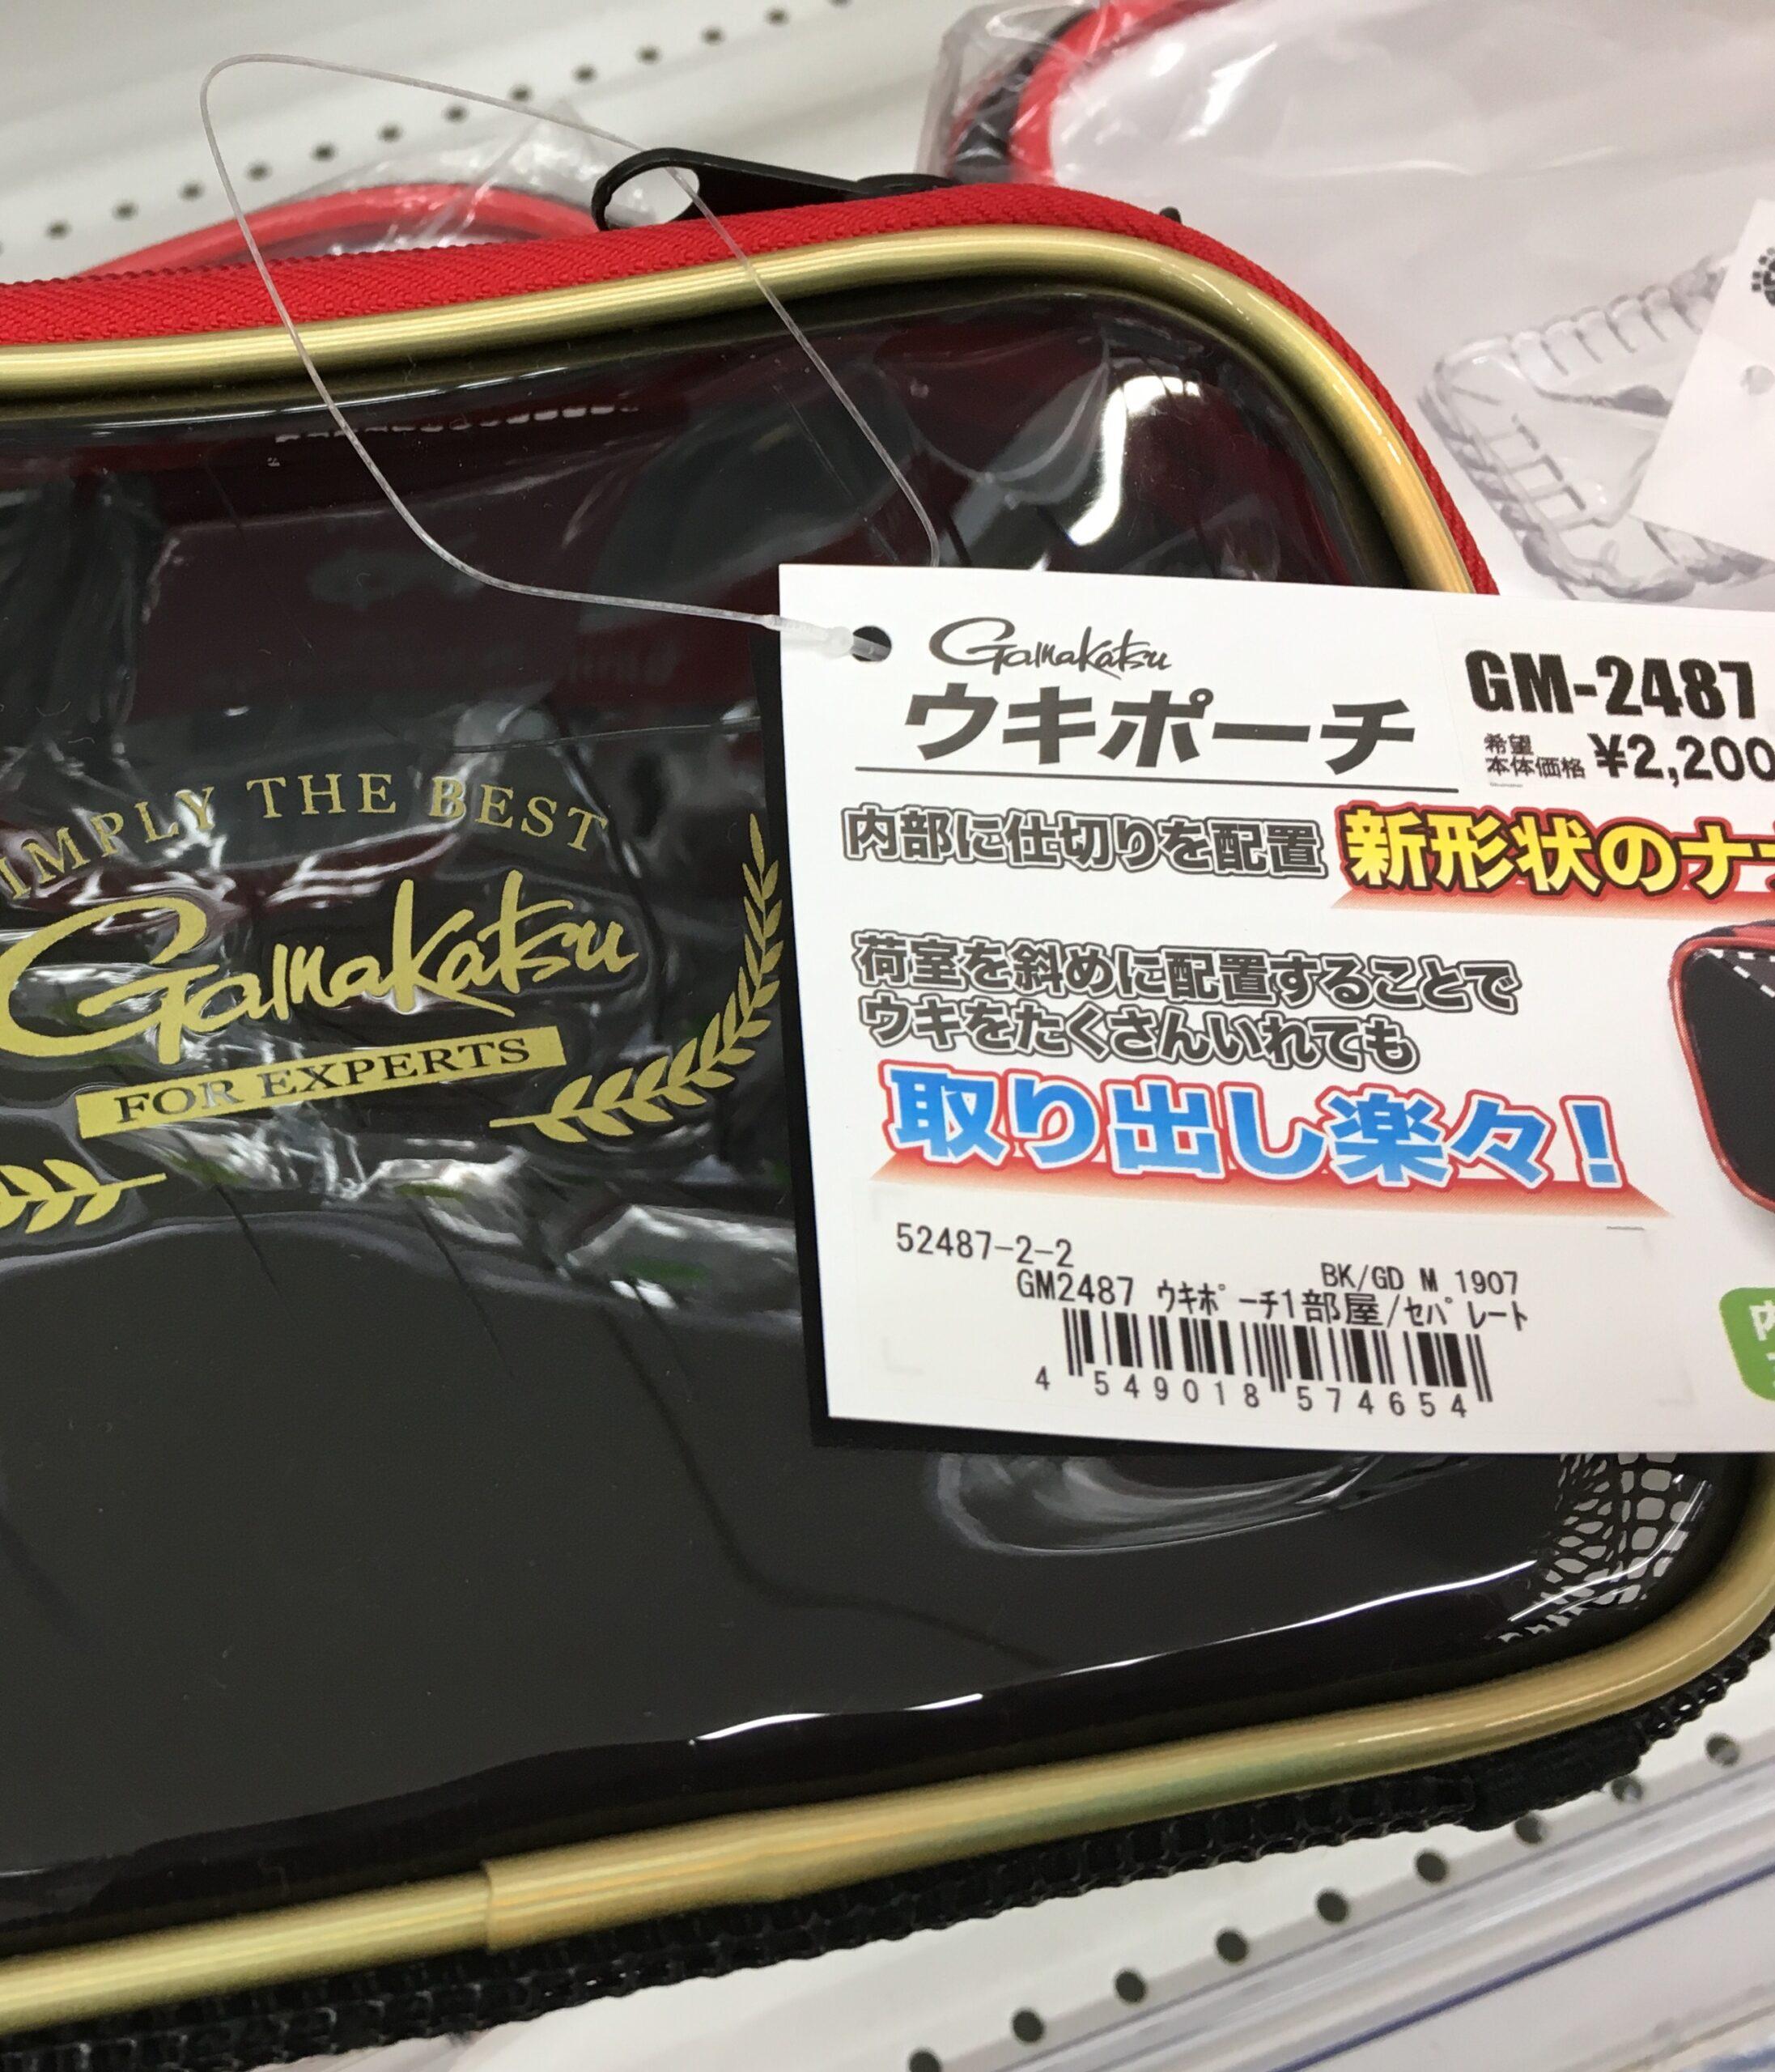 斜め入れ??がまかつウキポーチ/セパレート GM-2487